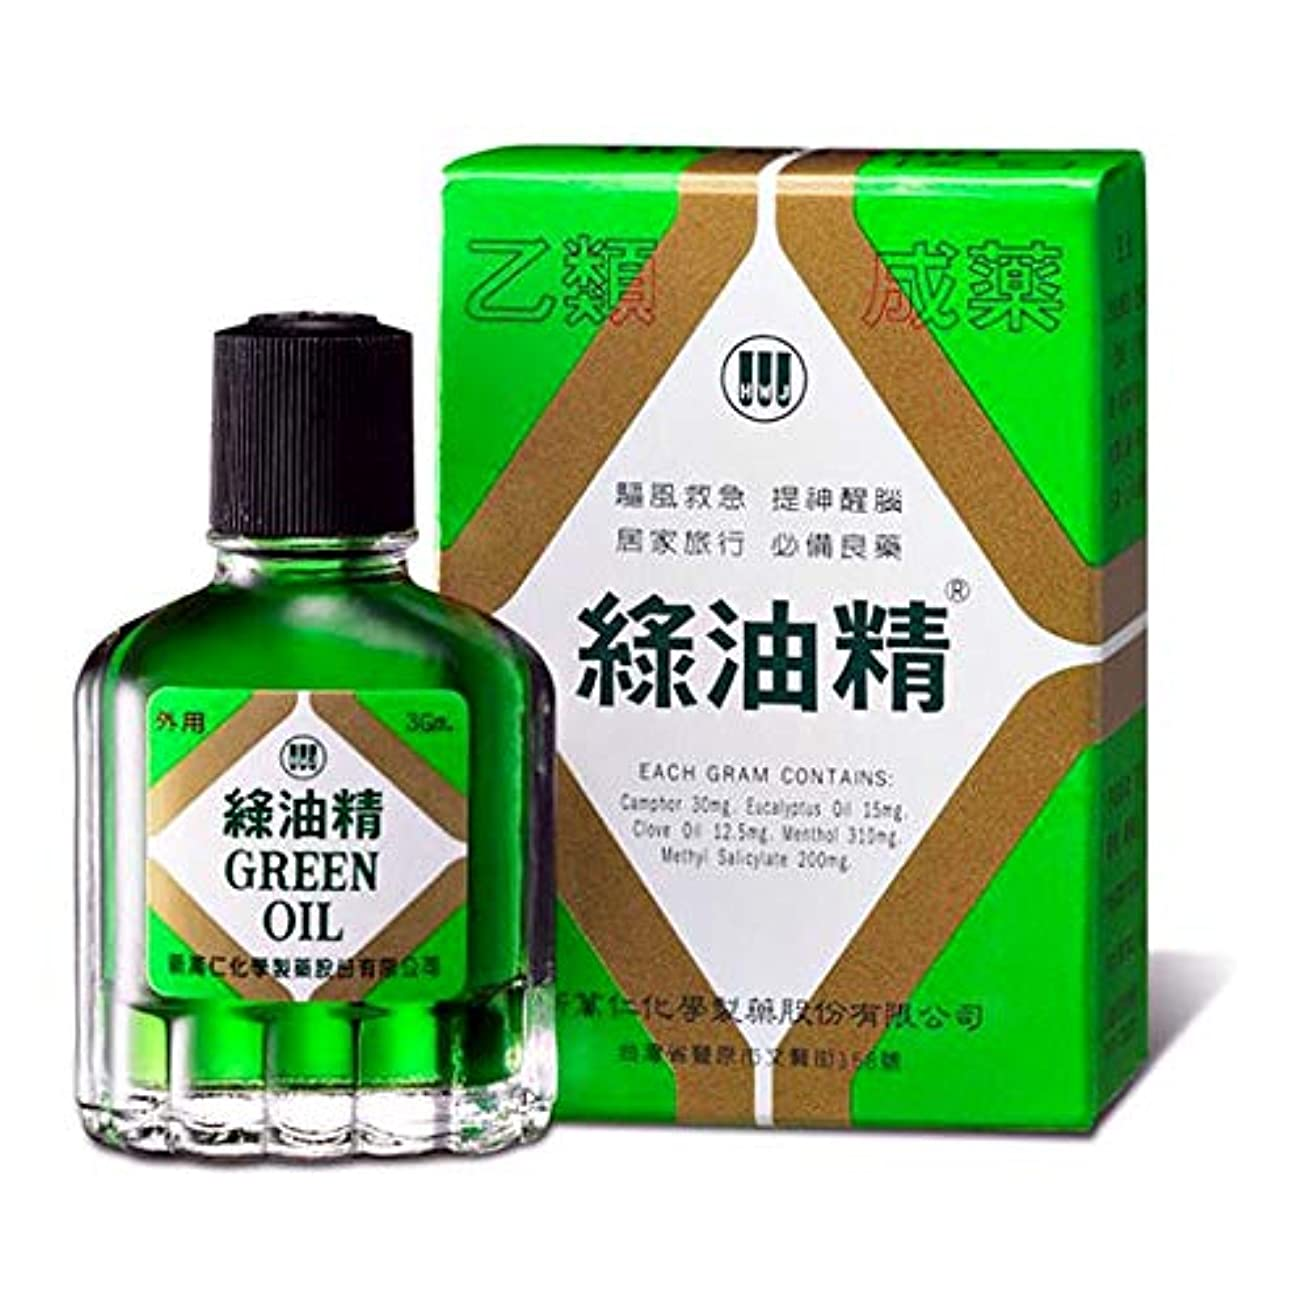 変形する枕王女《新萬仁》台湾の万能グリーンオイル 緑油精 3g 《台湾 お土産》 [並行輸入品]